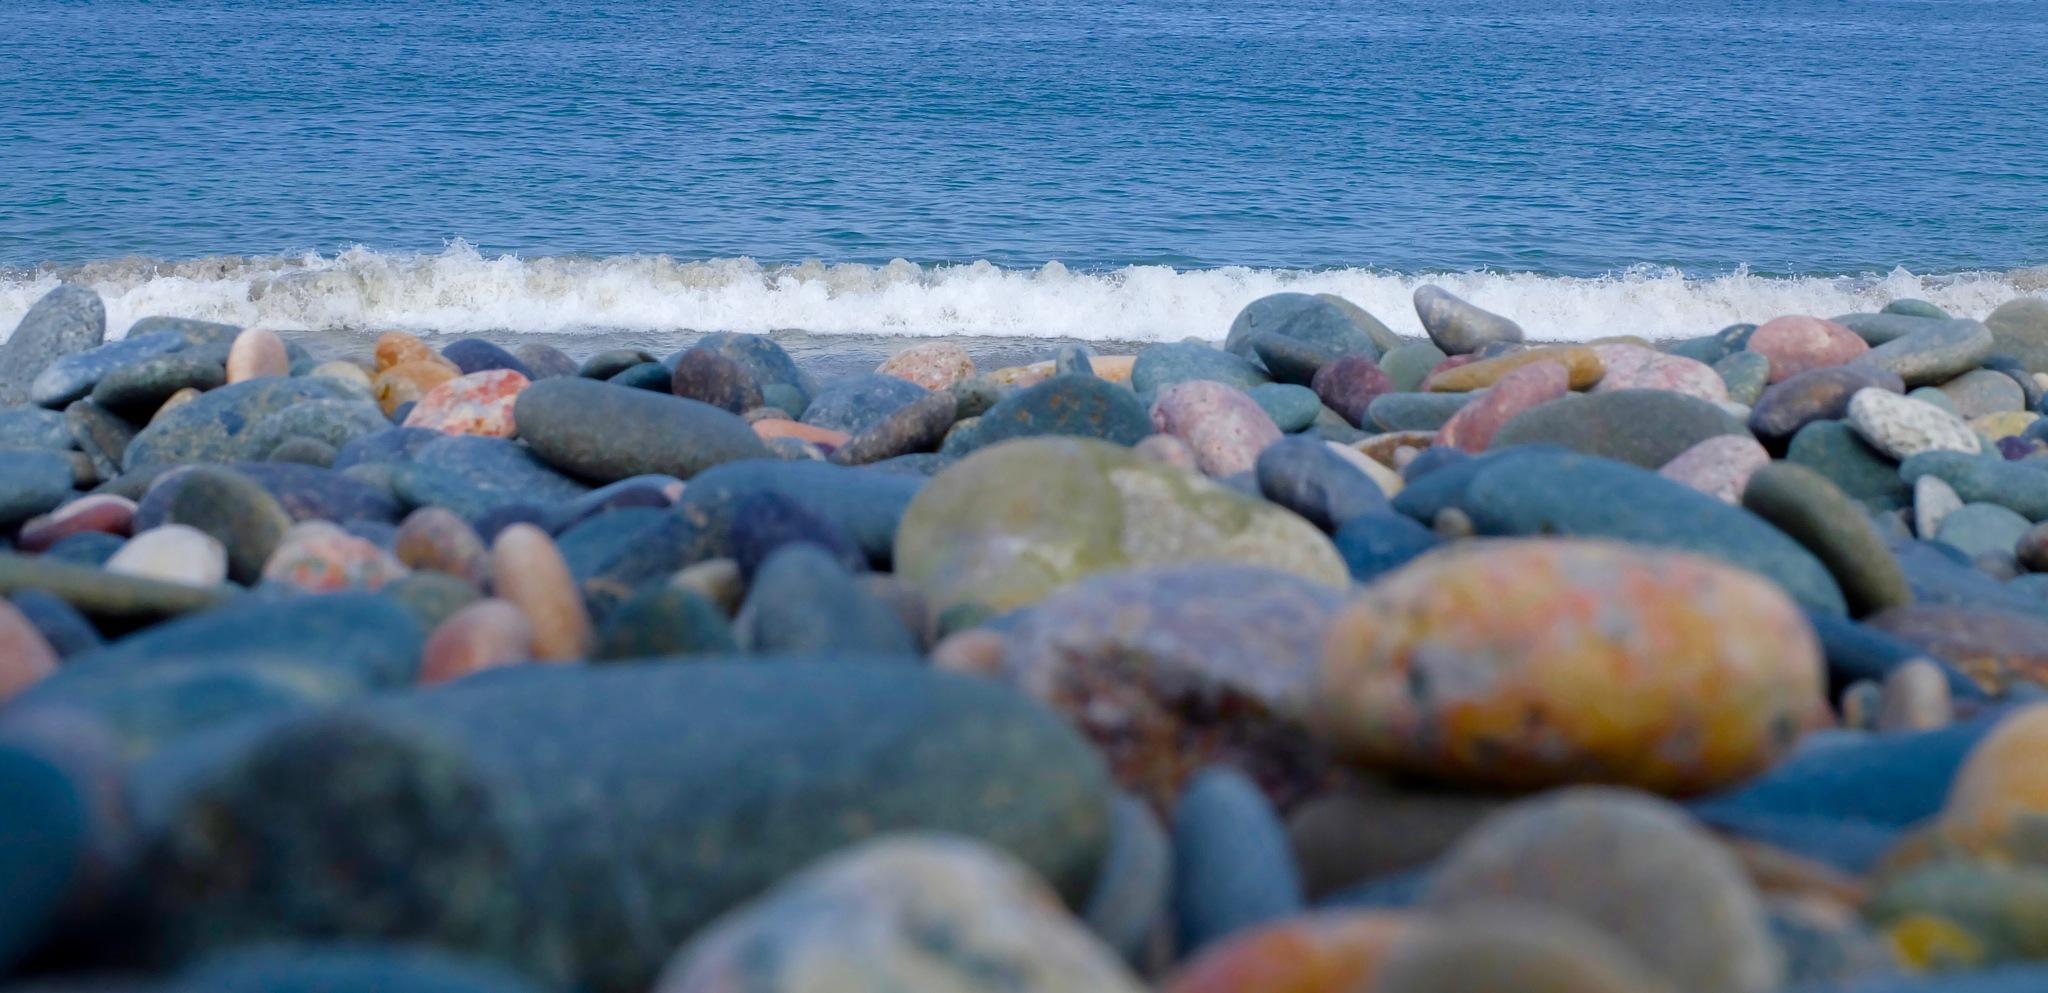 Rocky Coastline  by karajean17